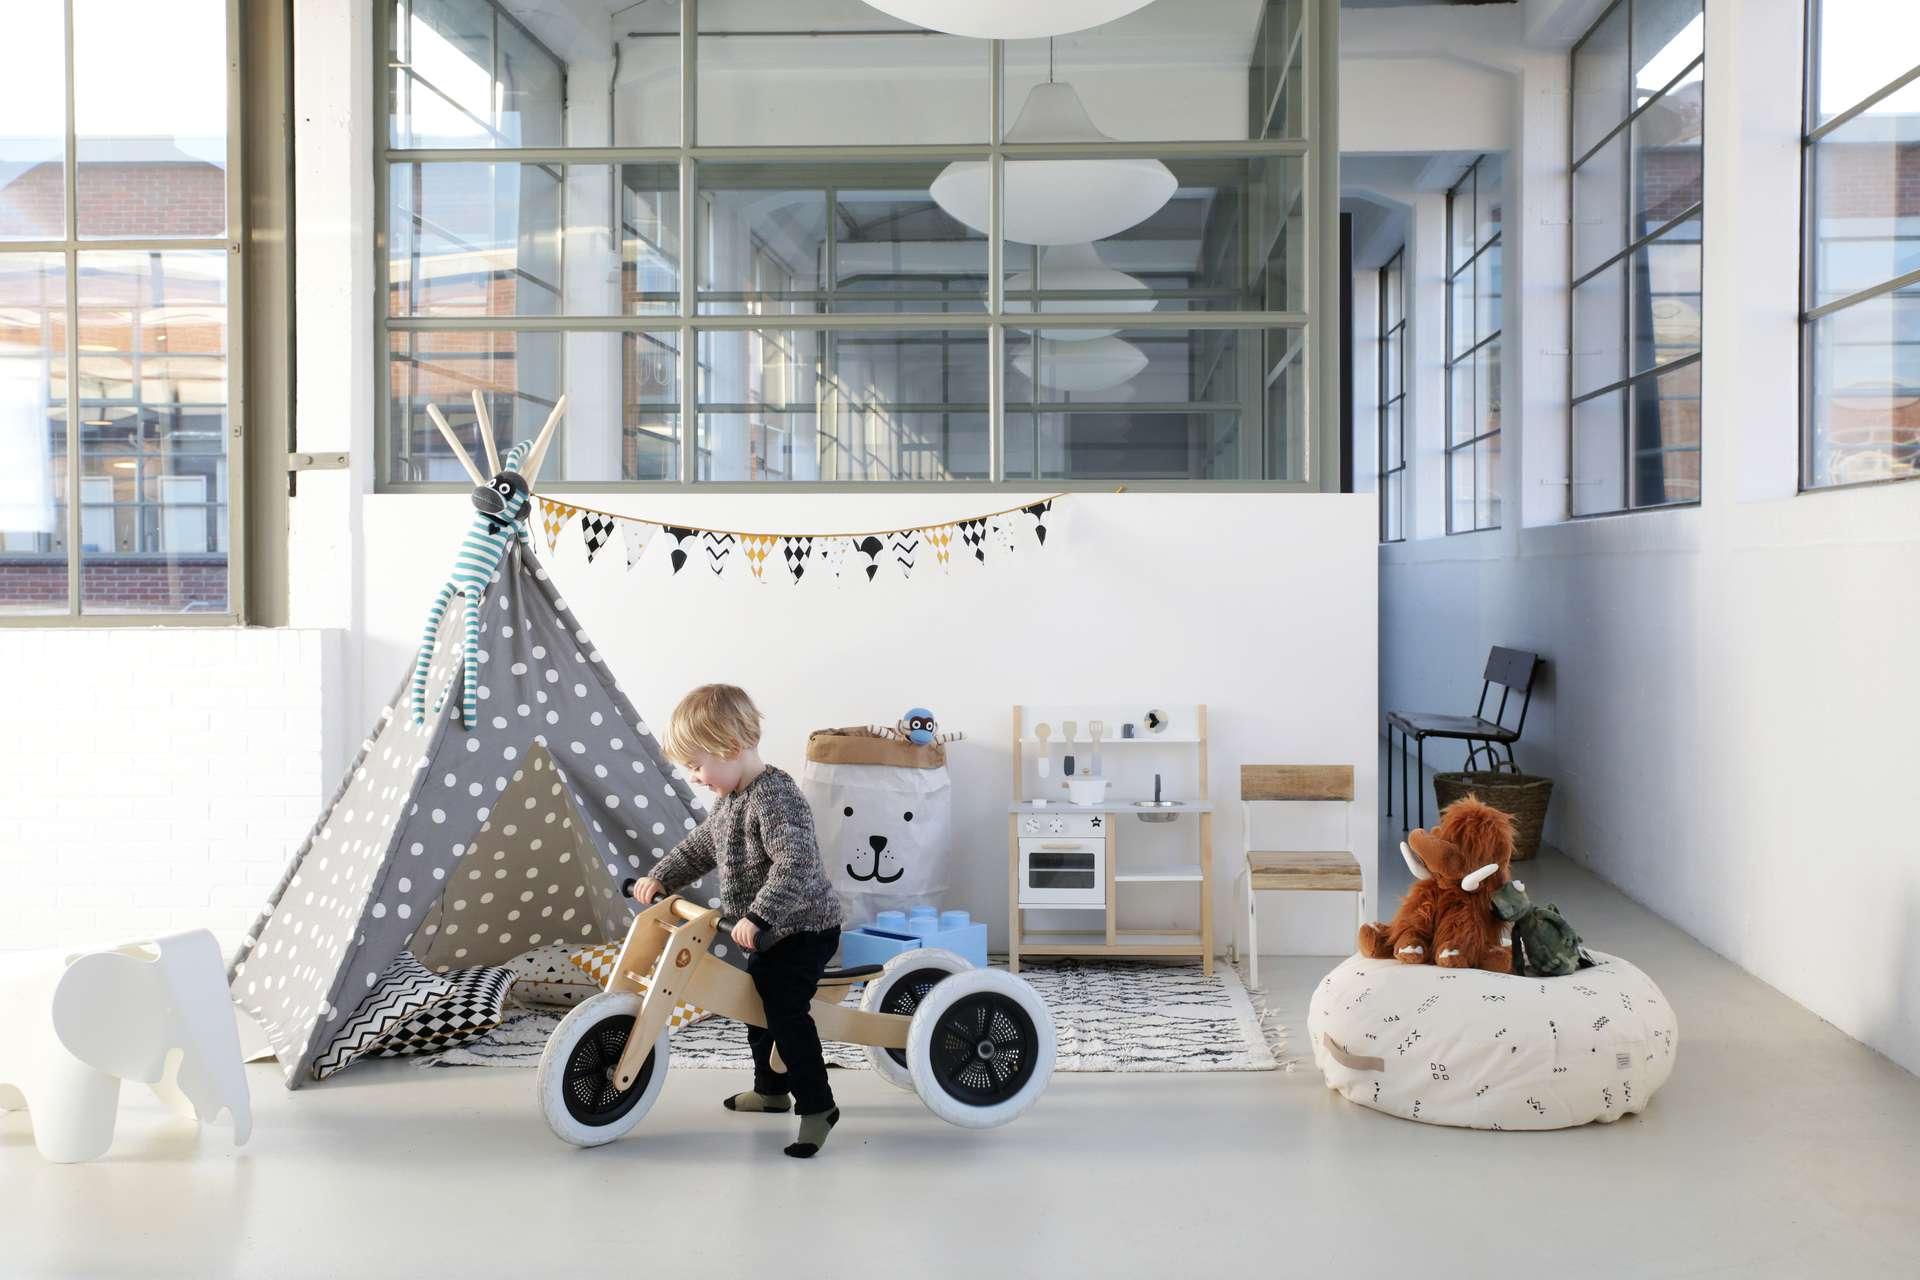 Kinderkamer Houten Boom : Kinderkamer loods 5